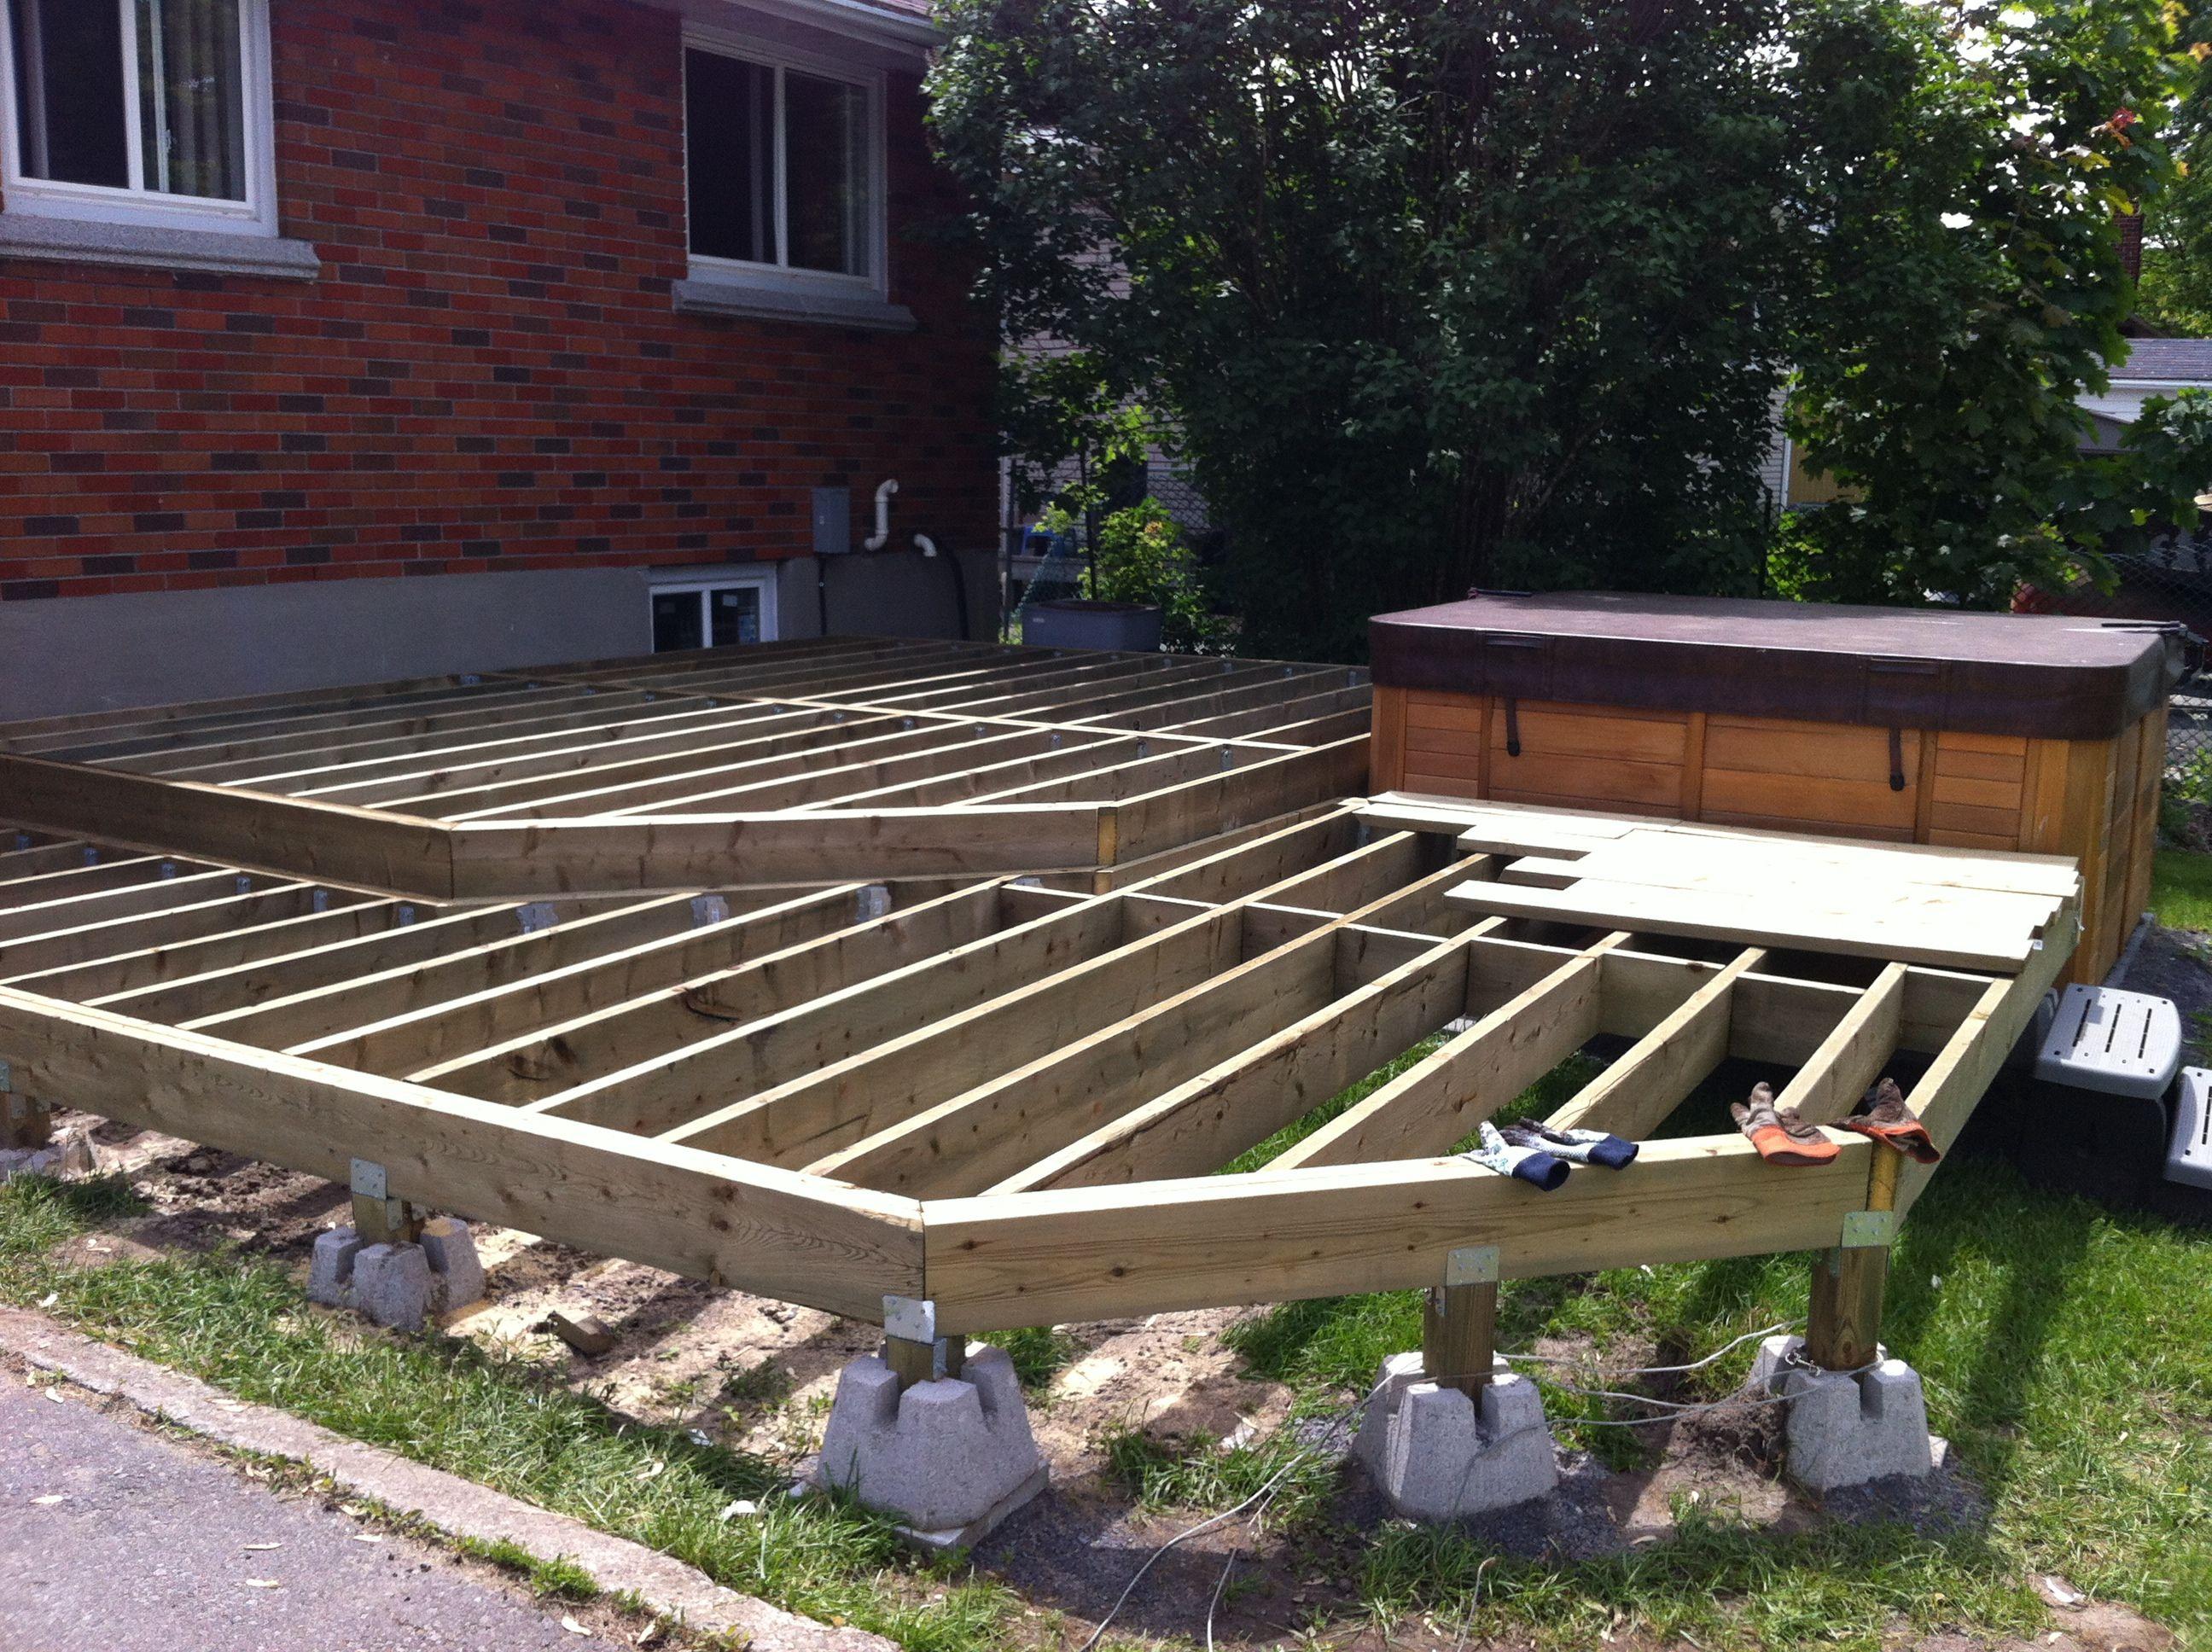 Pin By Rambling Raven On Backyard Deck Spa Diy Deck Deck